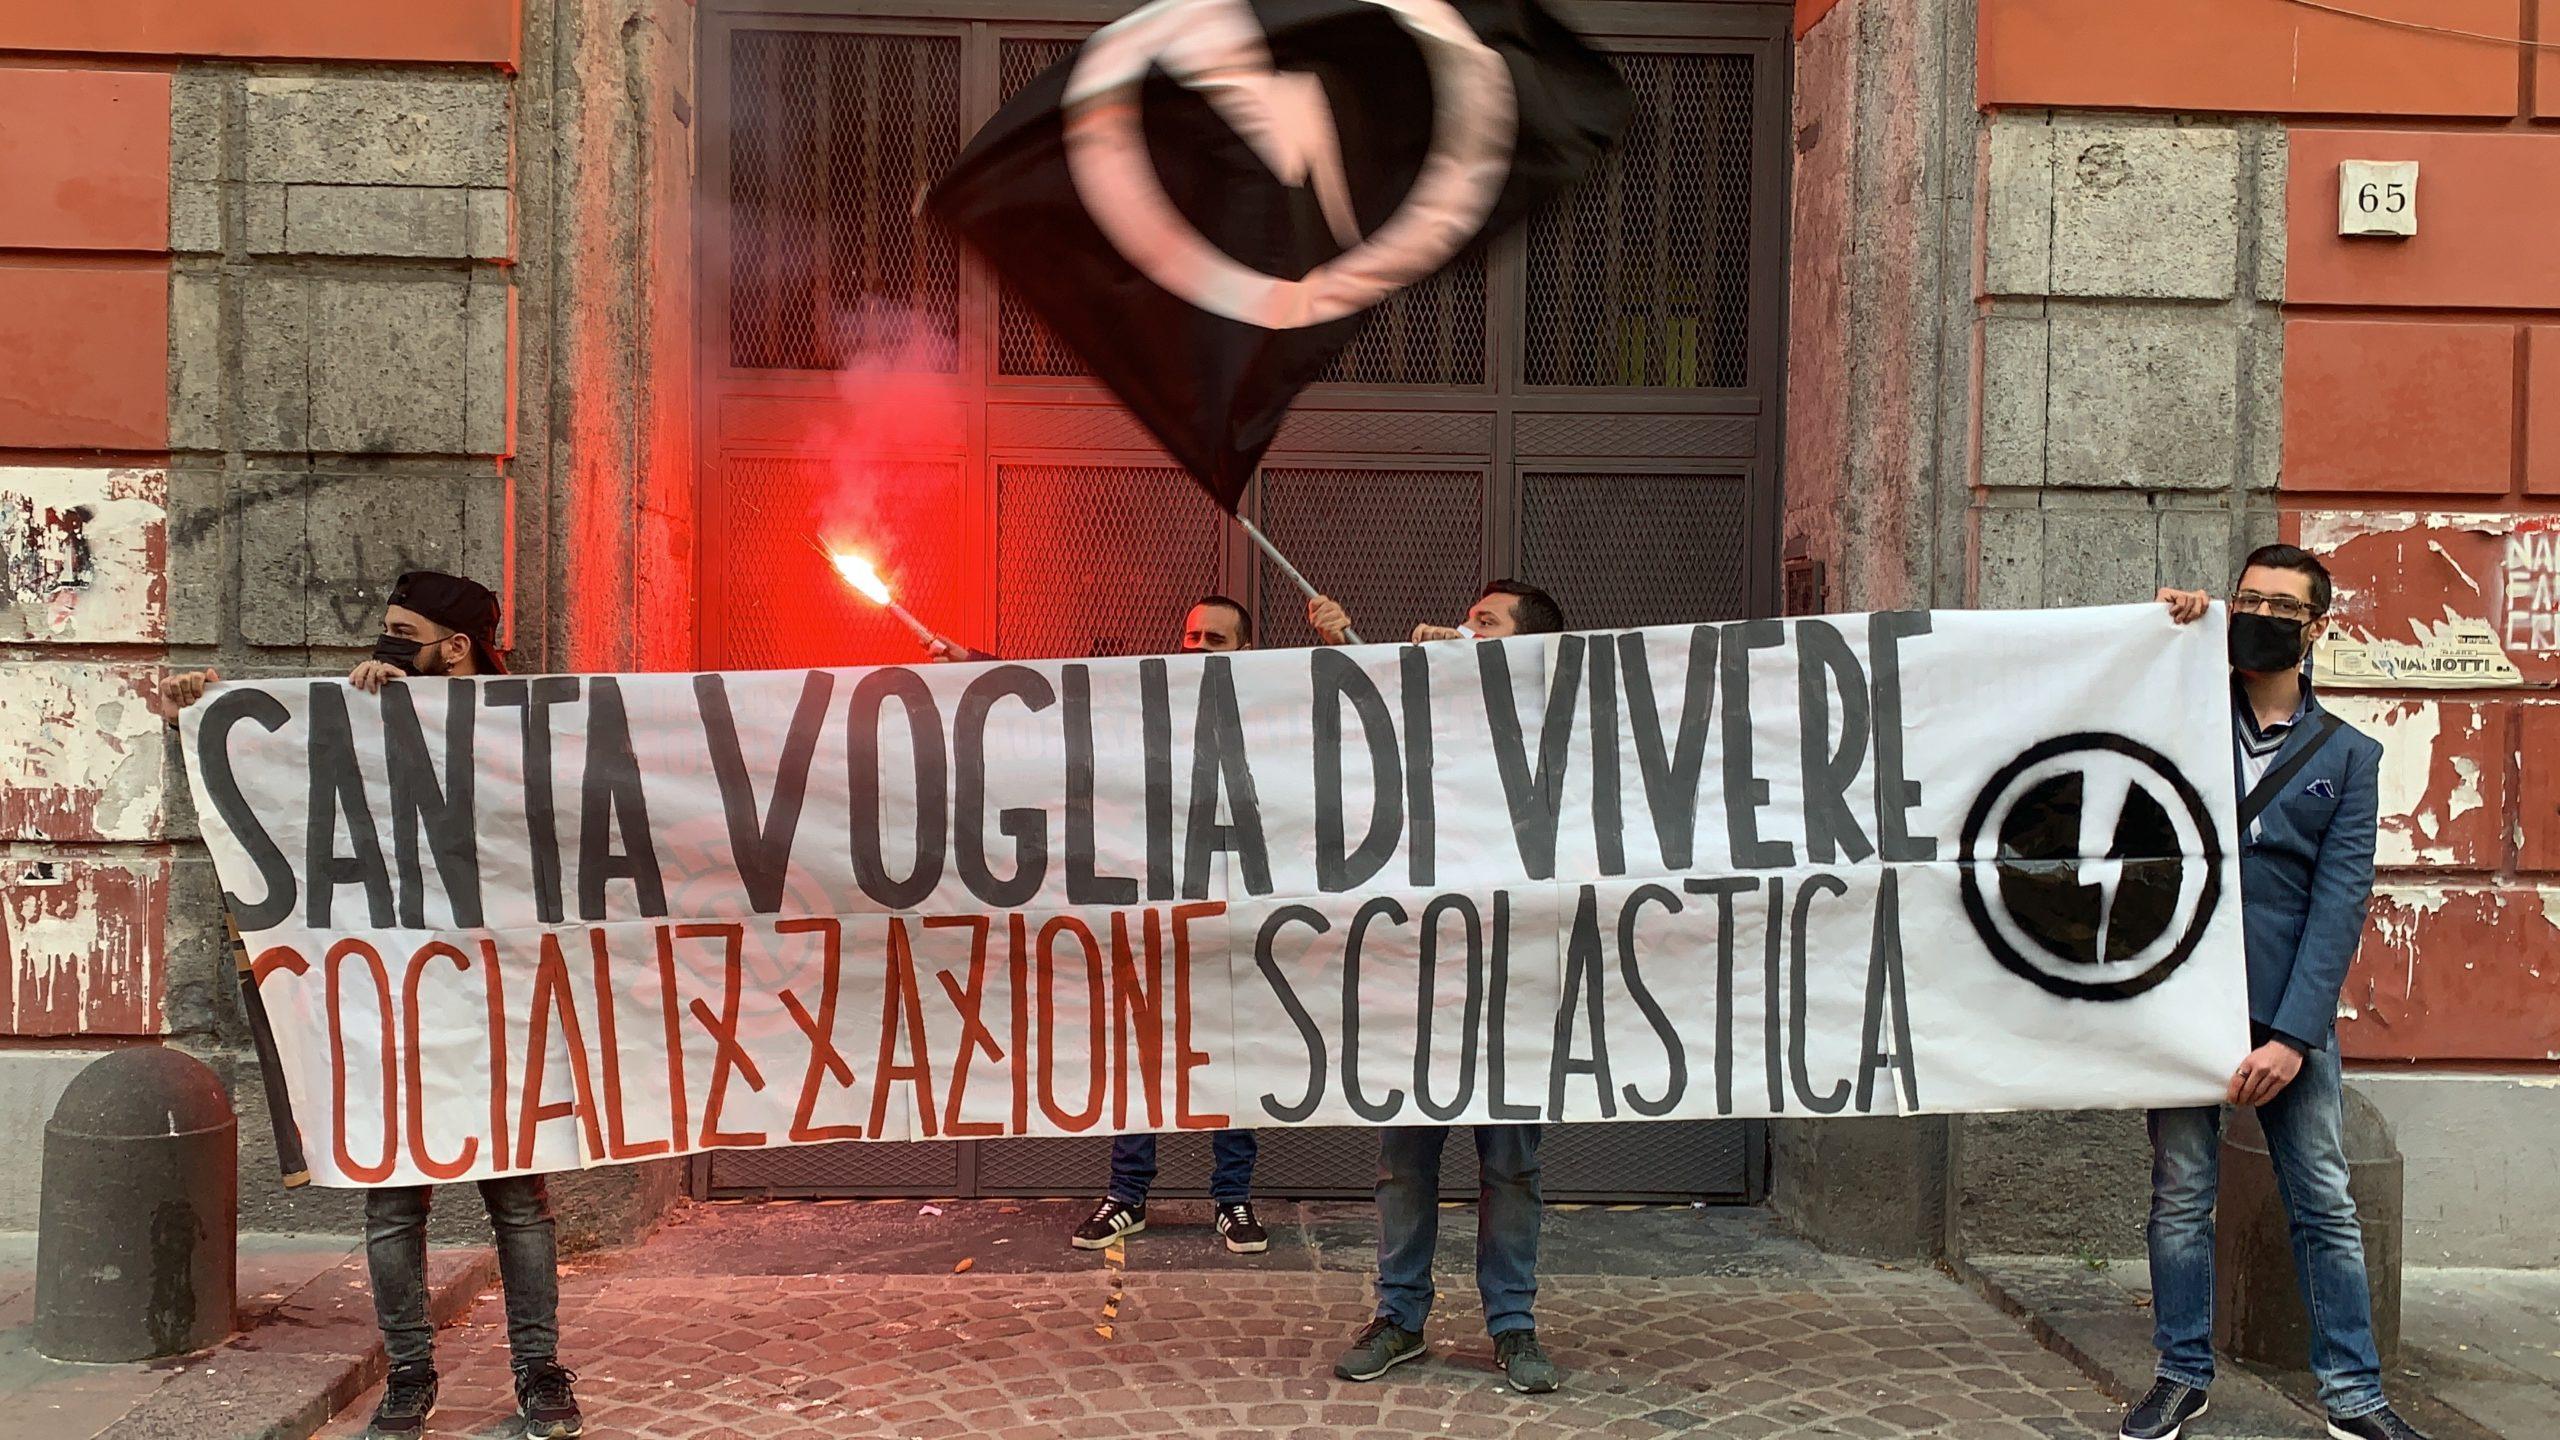 """Blocco studentesco: """"Socializzazione scolastica, ora!"""""""